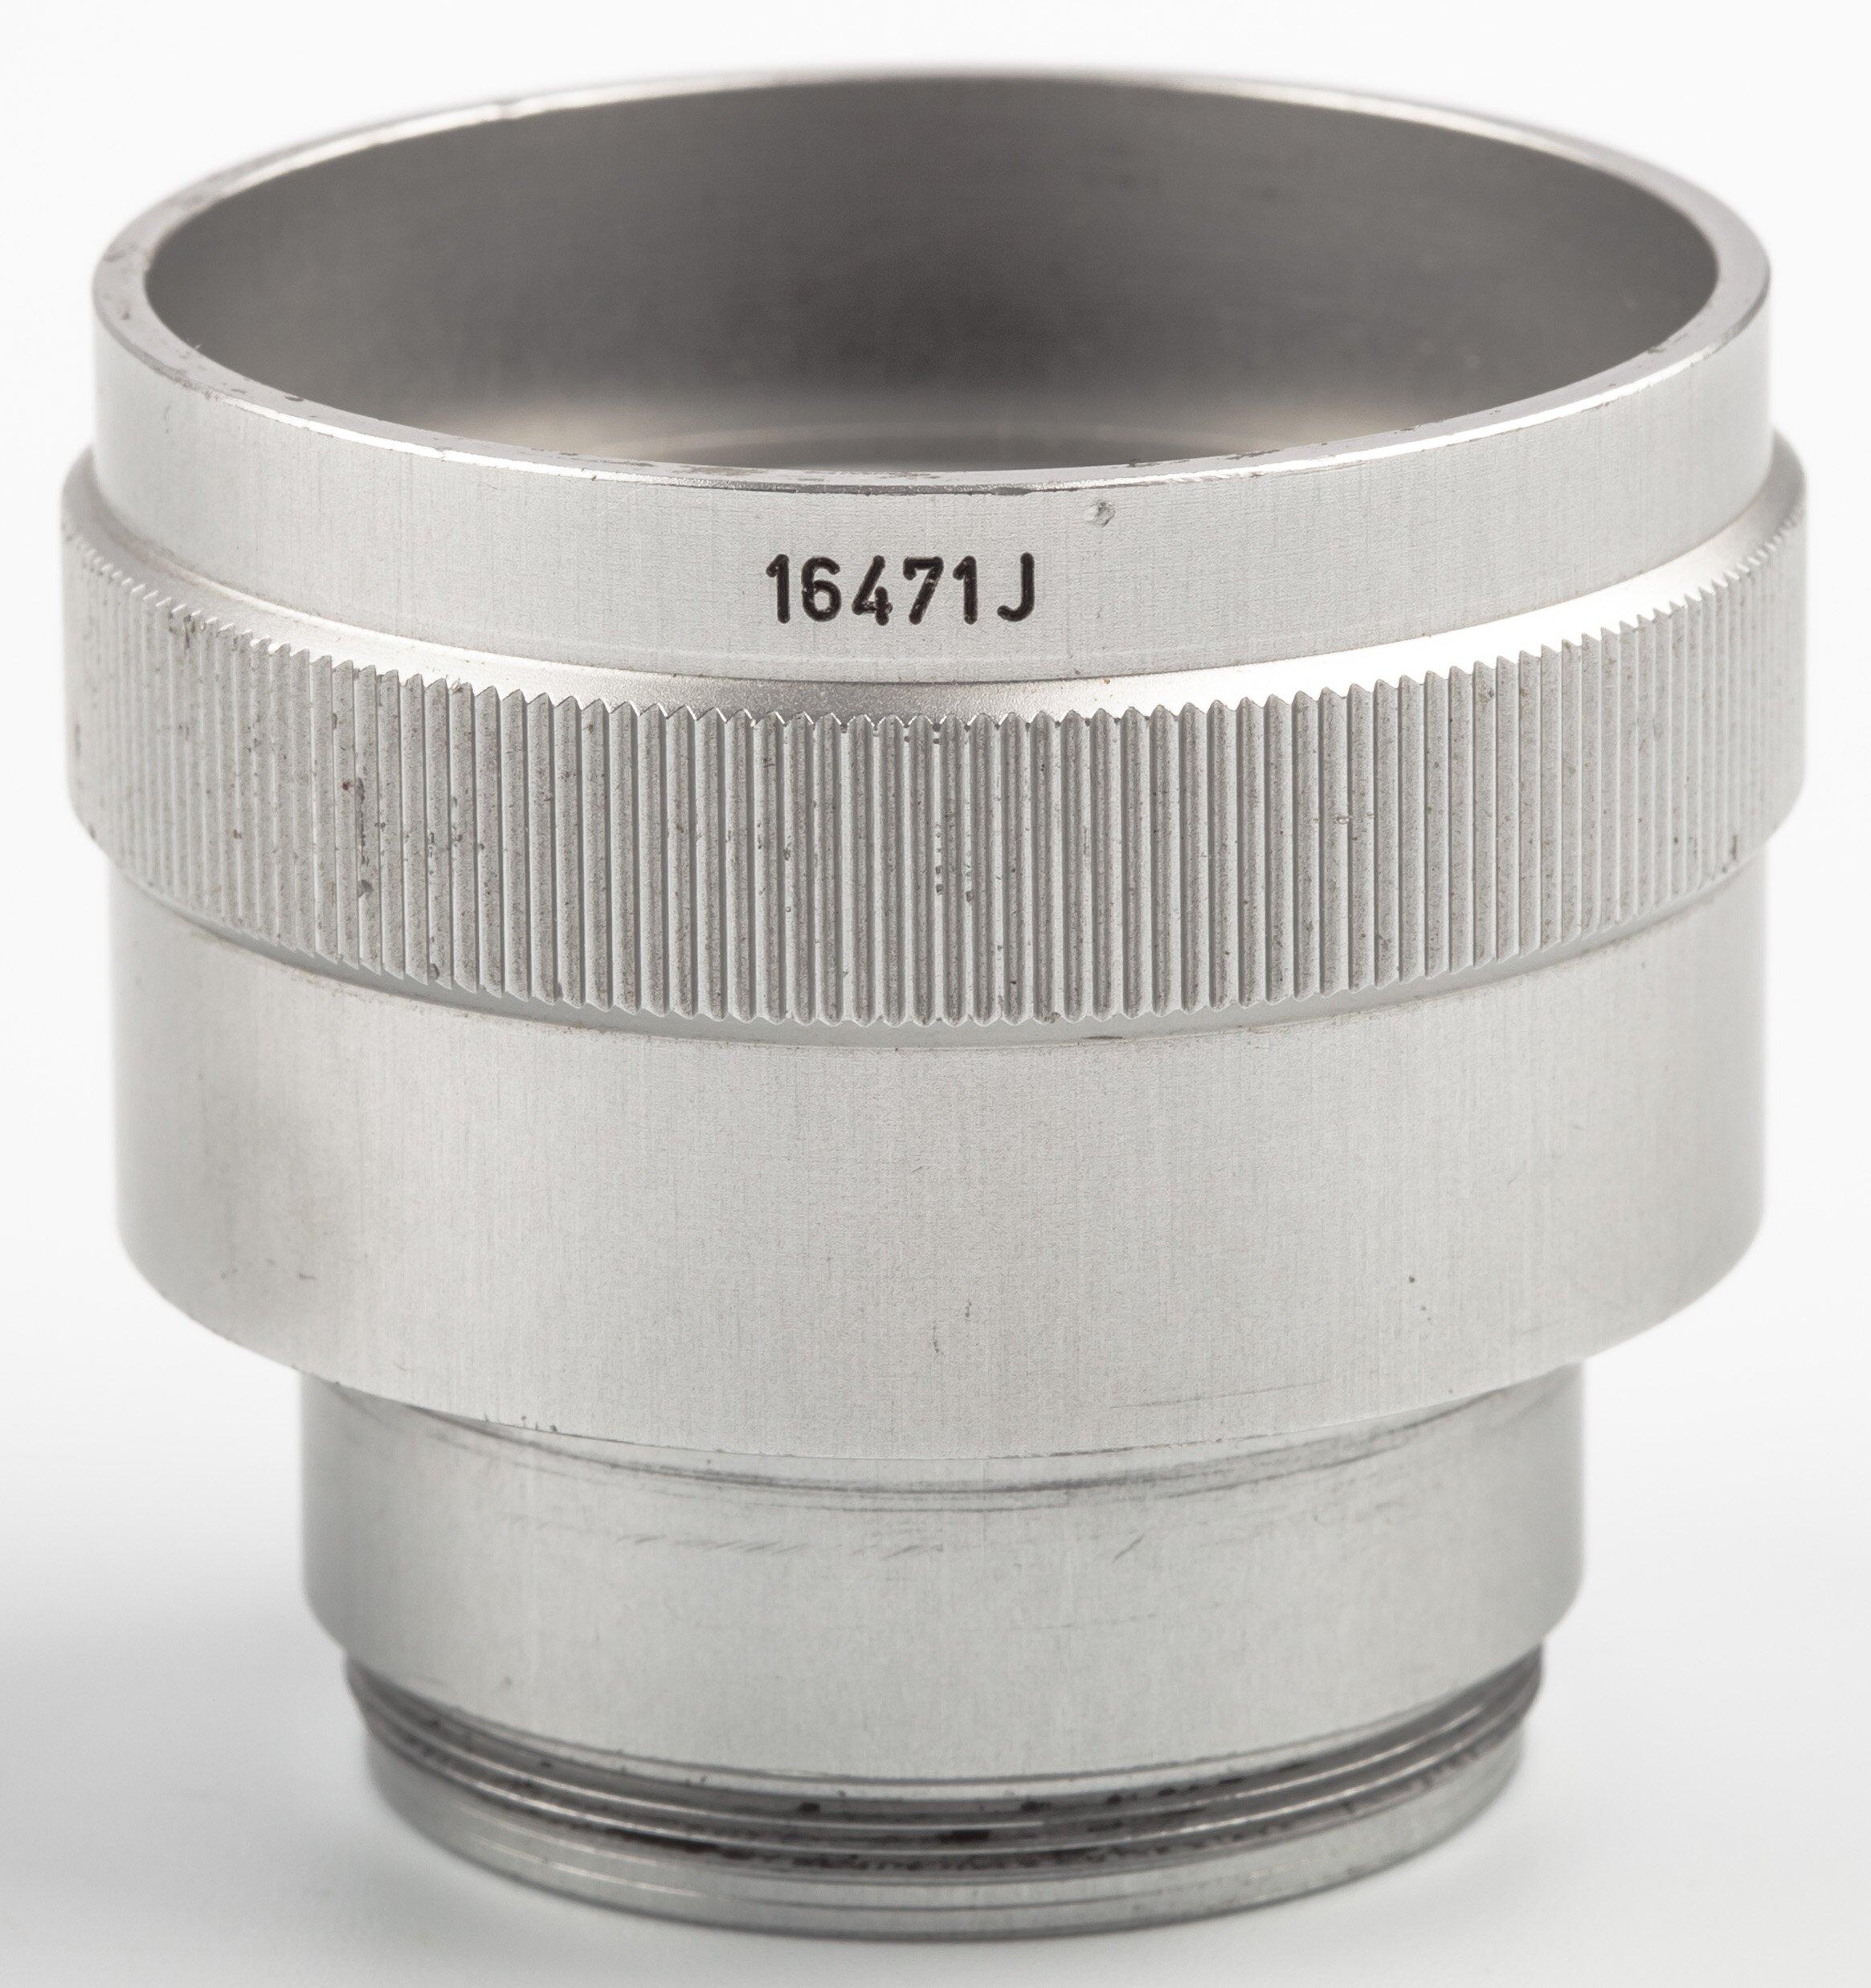 Leica Zwischenring OTRPO 16471J Visoflex